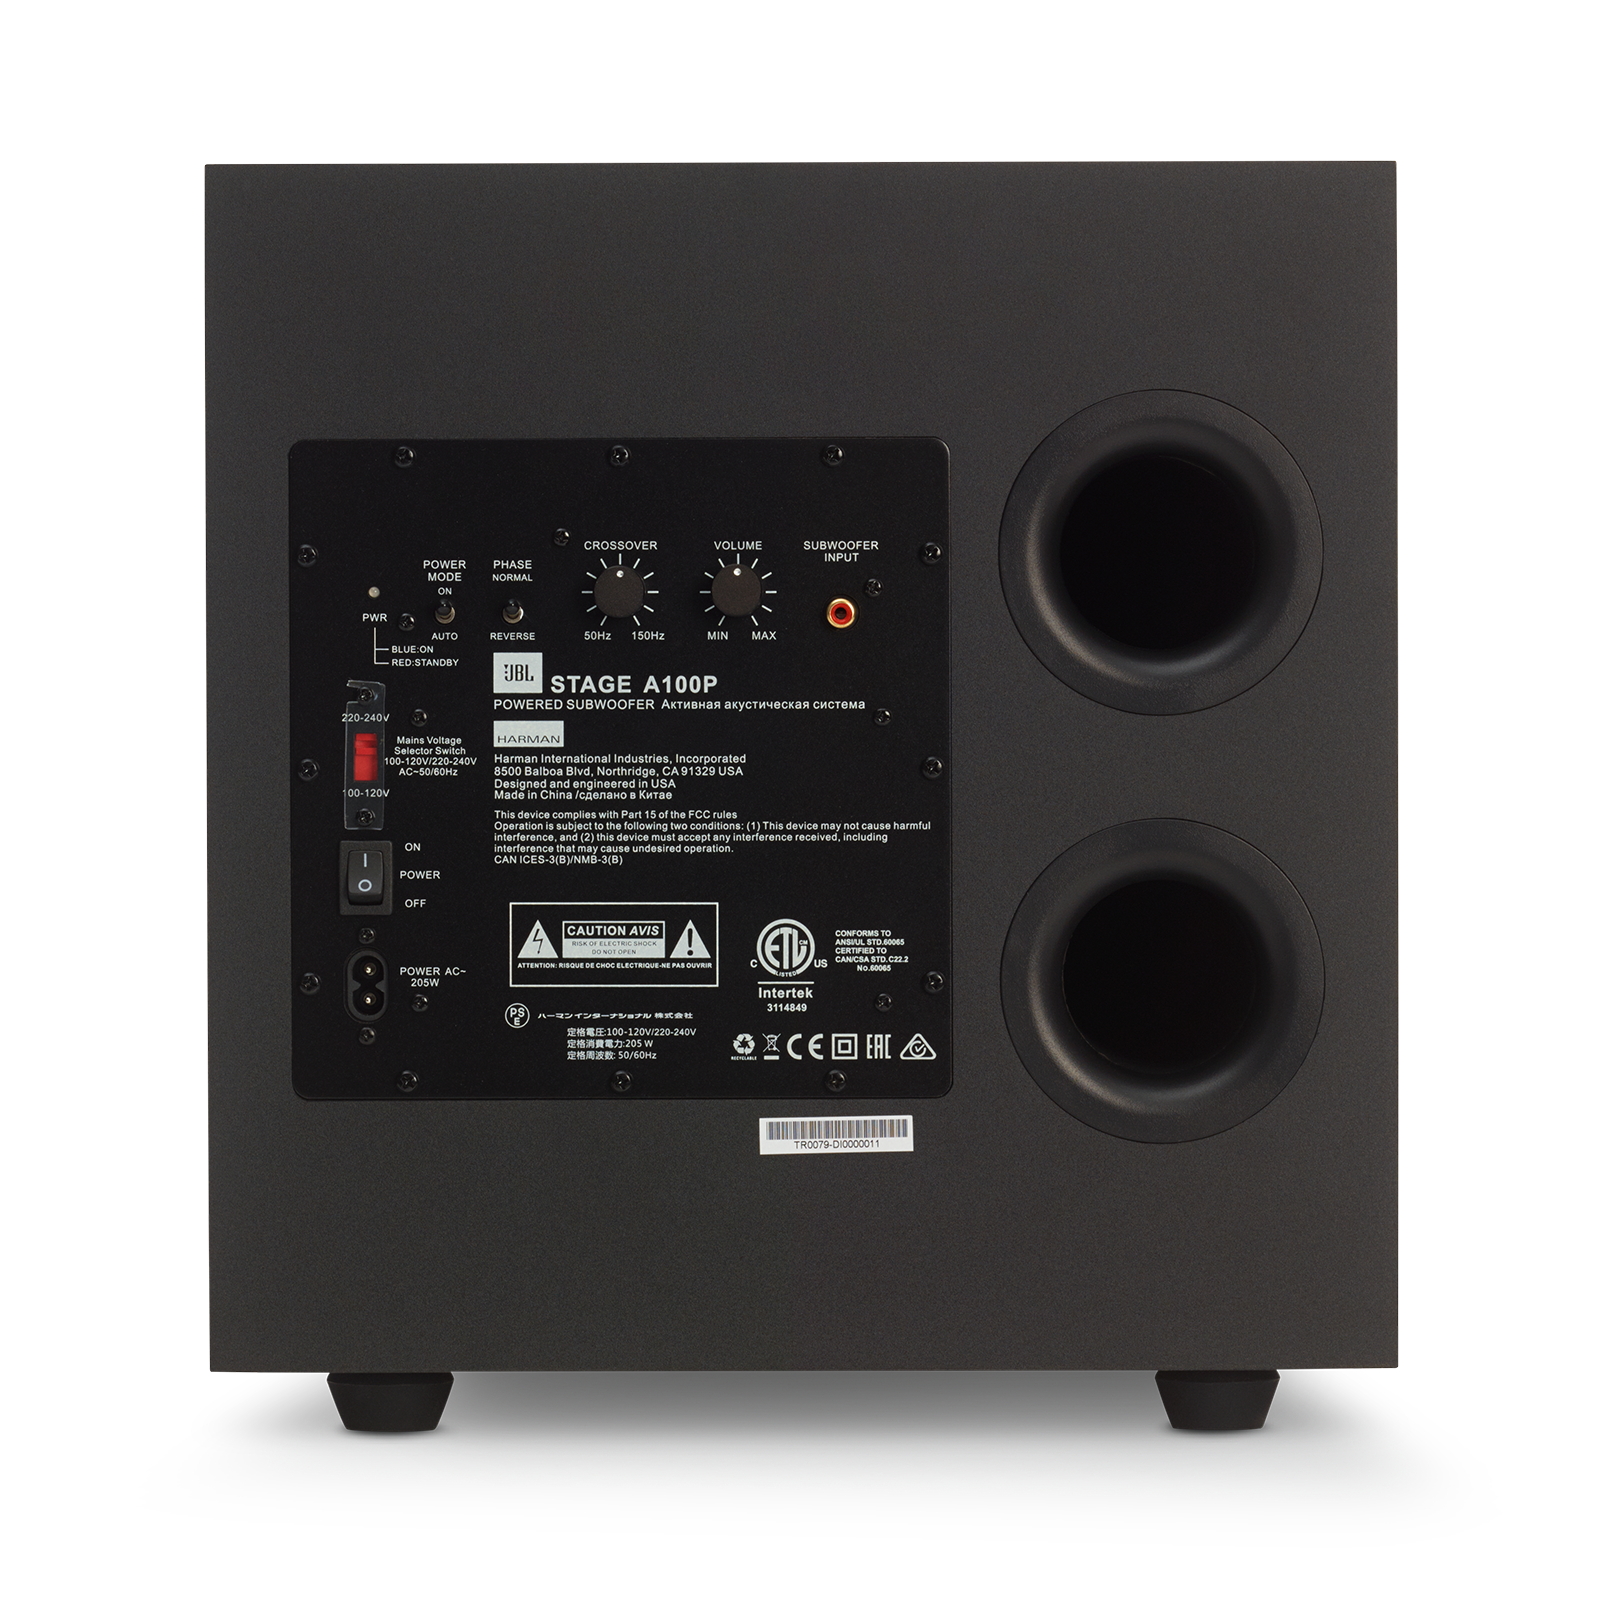 JBL Stage A100P - Black - Home Audio Loudspeaker System - Back